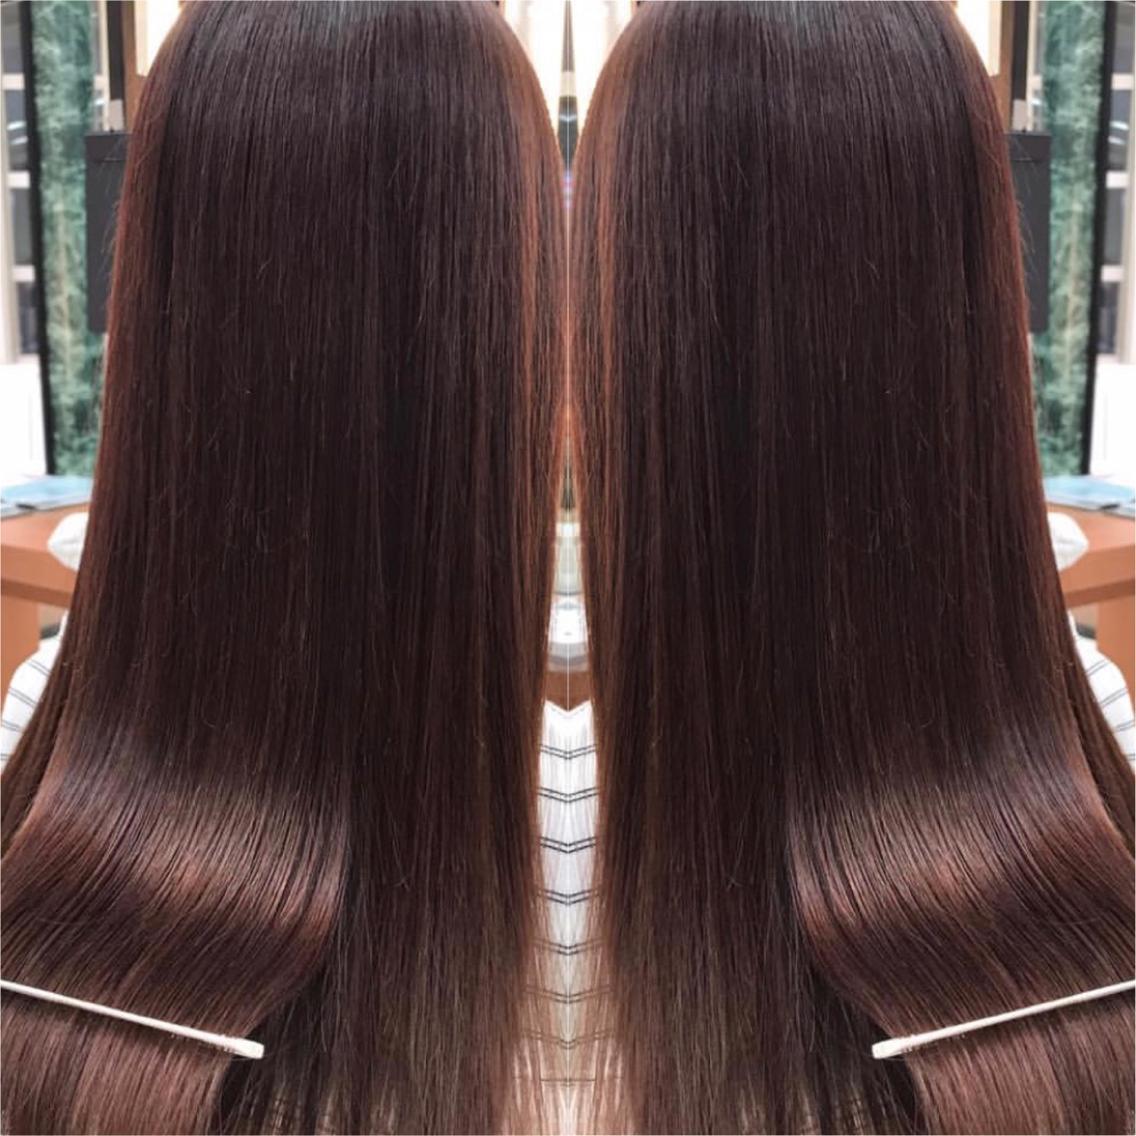 #セミロング #その他 髪を綺麗に伸ばしつつお家でもメンテナンスしたい方へ…💇♀️✨